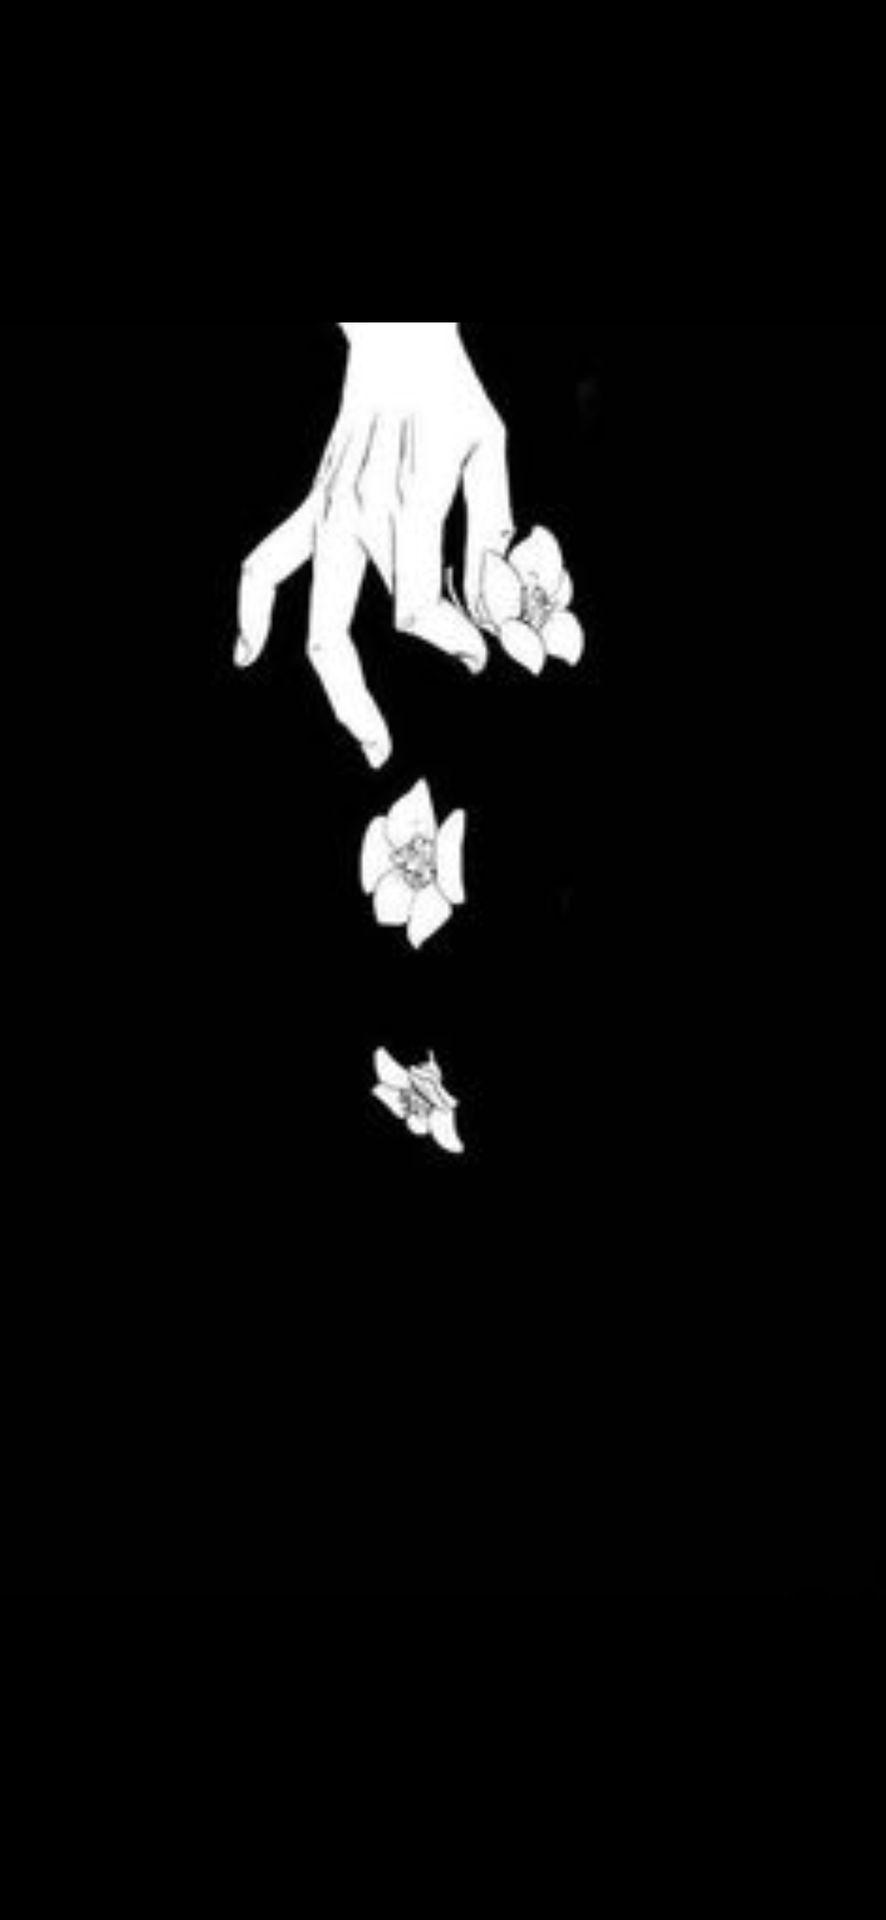 لعشاق اللون الاسود صور خلفيات سوداء كلل شيء اسود القصةالقصيرة القصة القصيرة Amreading B Girls Cartoon Art Girl Cartoon Iphone Wallpaper Hipster